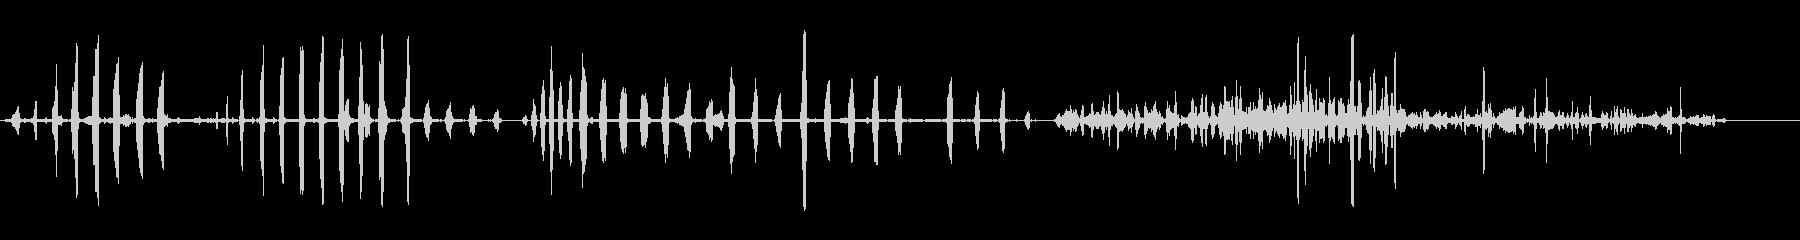 本物のアヒルの未再生の波形